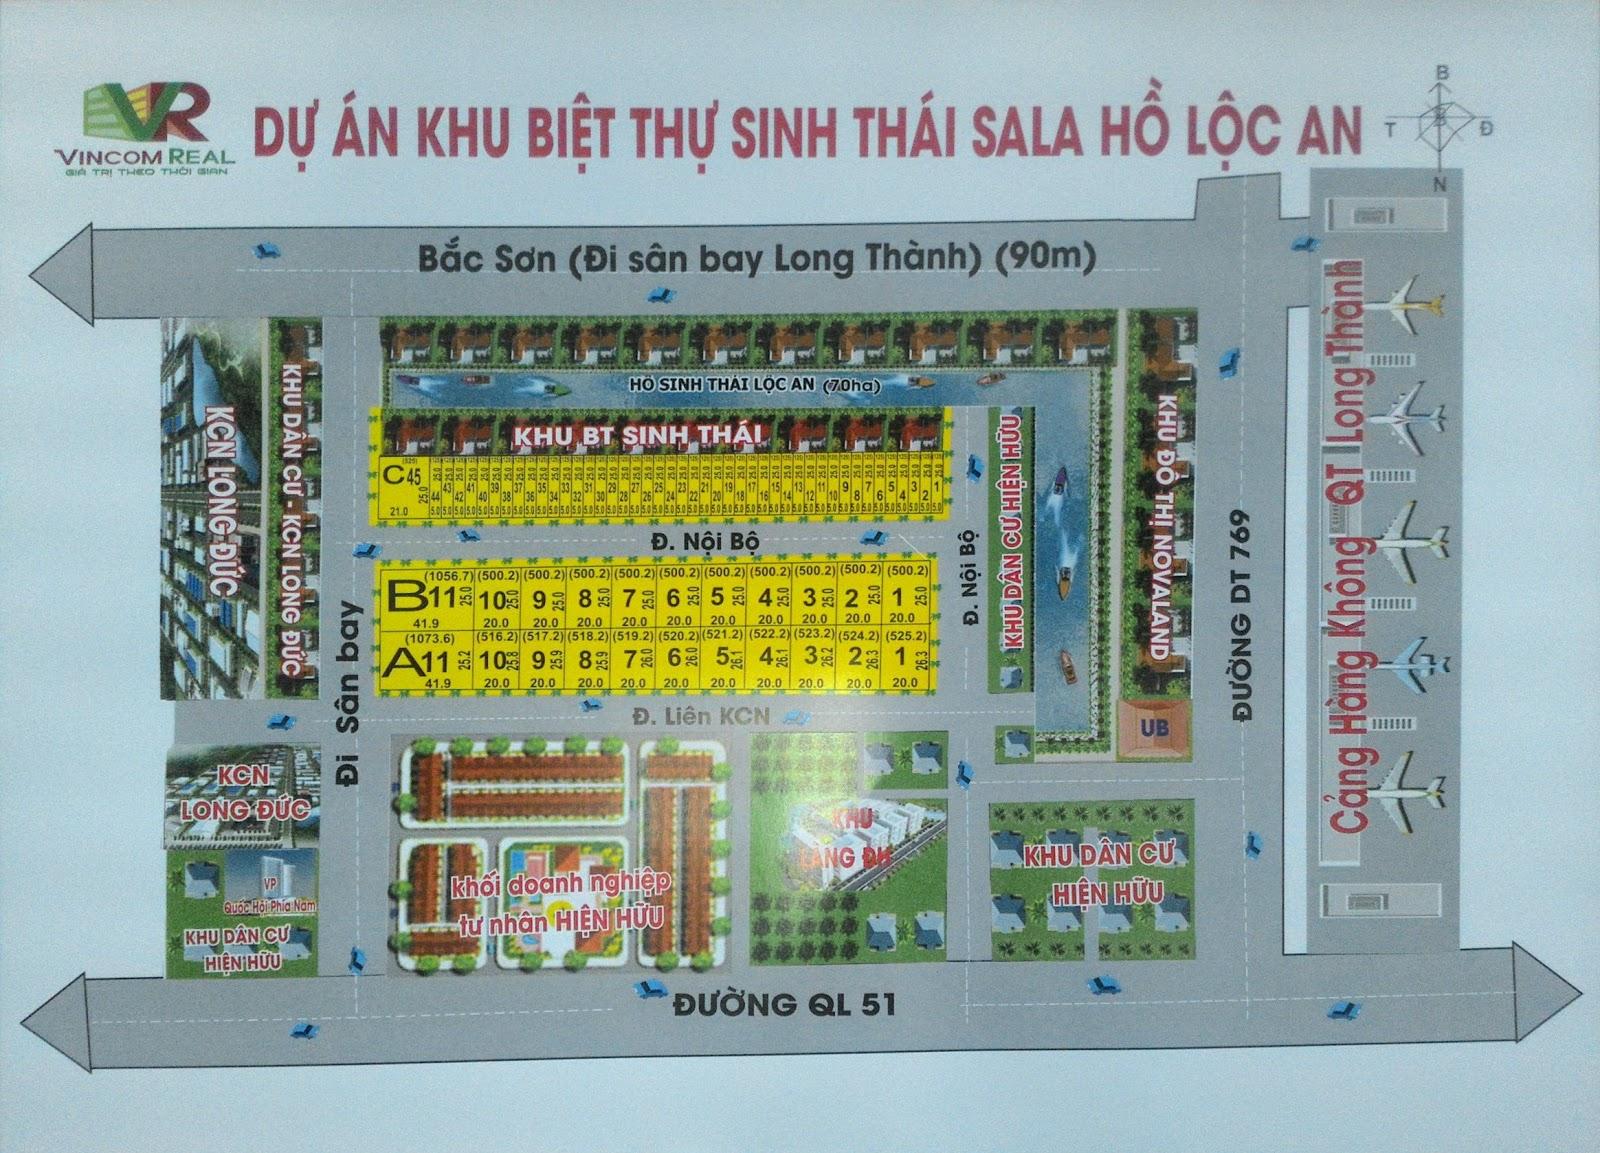 Sơ đồ phân lô khu biệt thự sinh thái Sala Hồ Lộc An Long Thành Đồng Nai